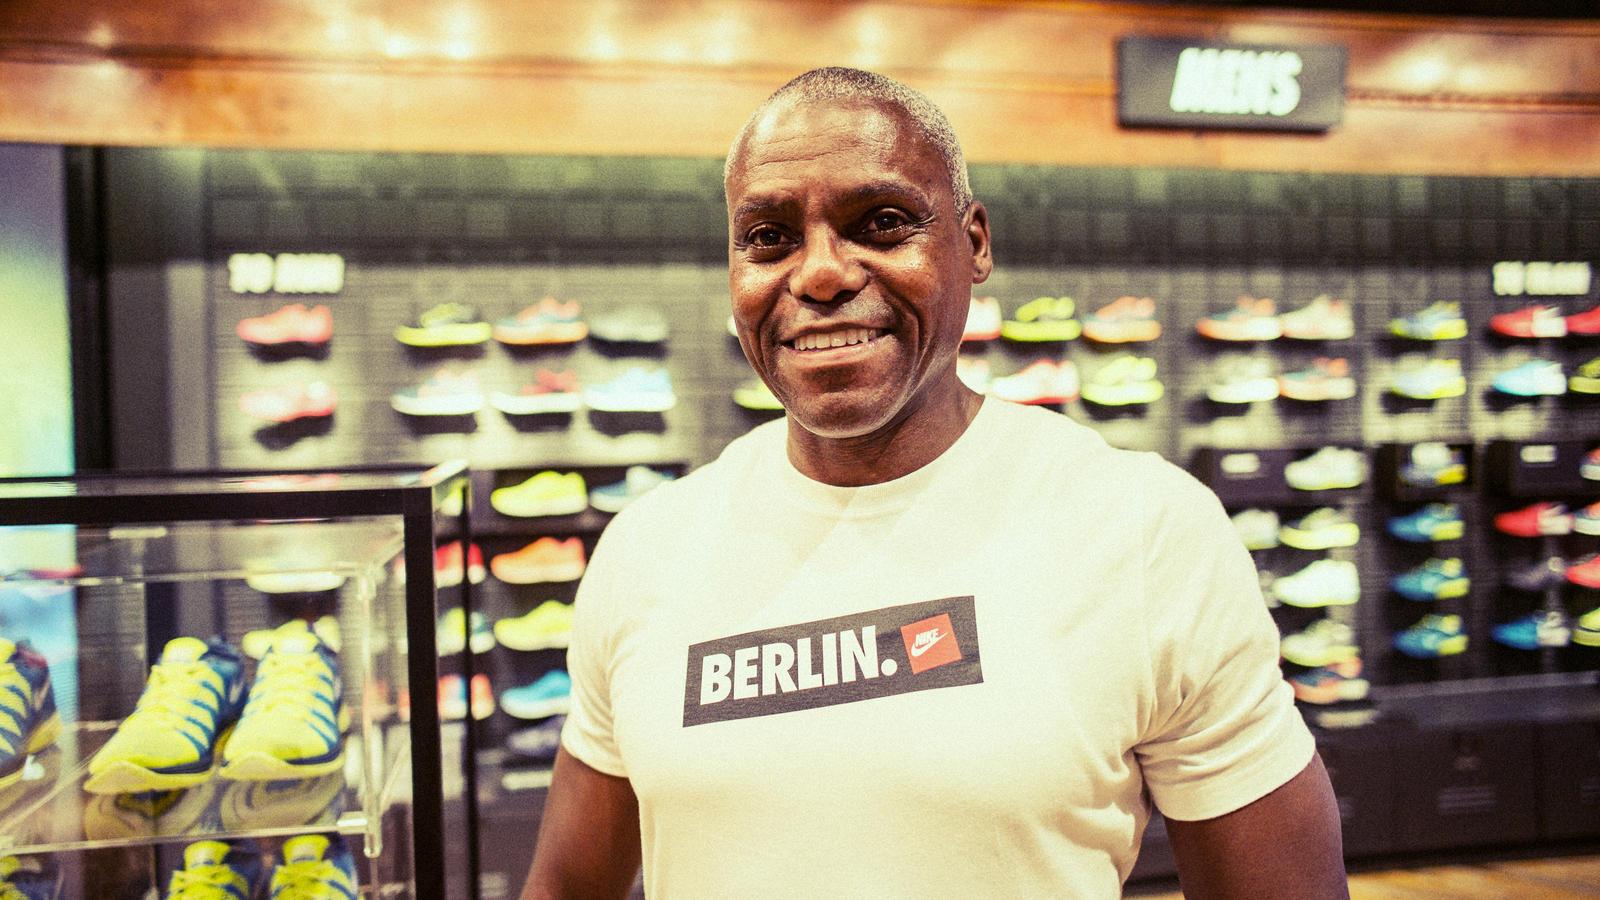 Carl Lewis opens NIKE BERLIN